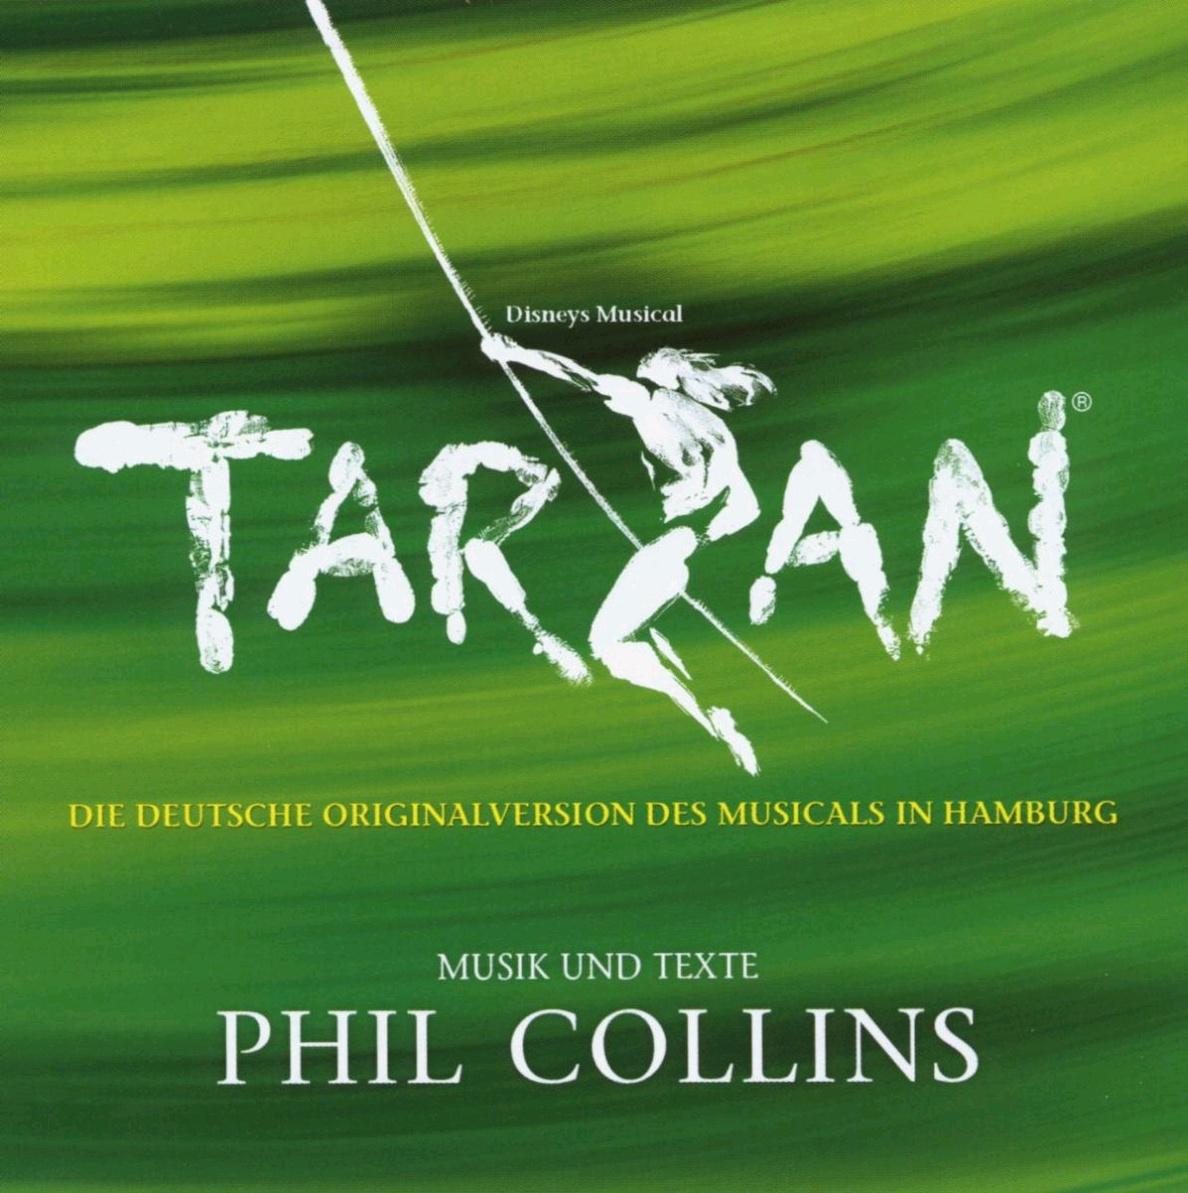 Tarzan-Originalversion des Deutschen Musicals [...